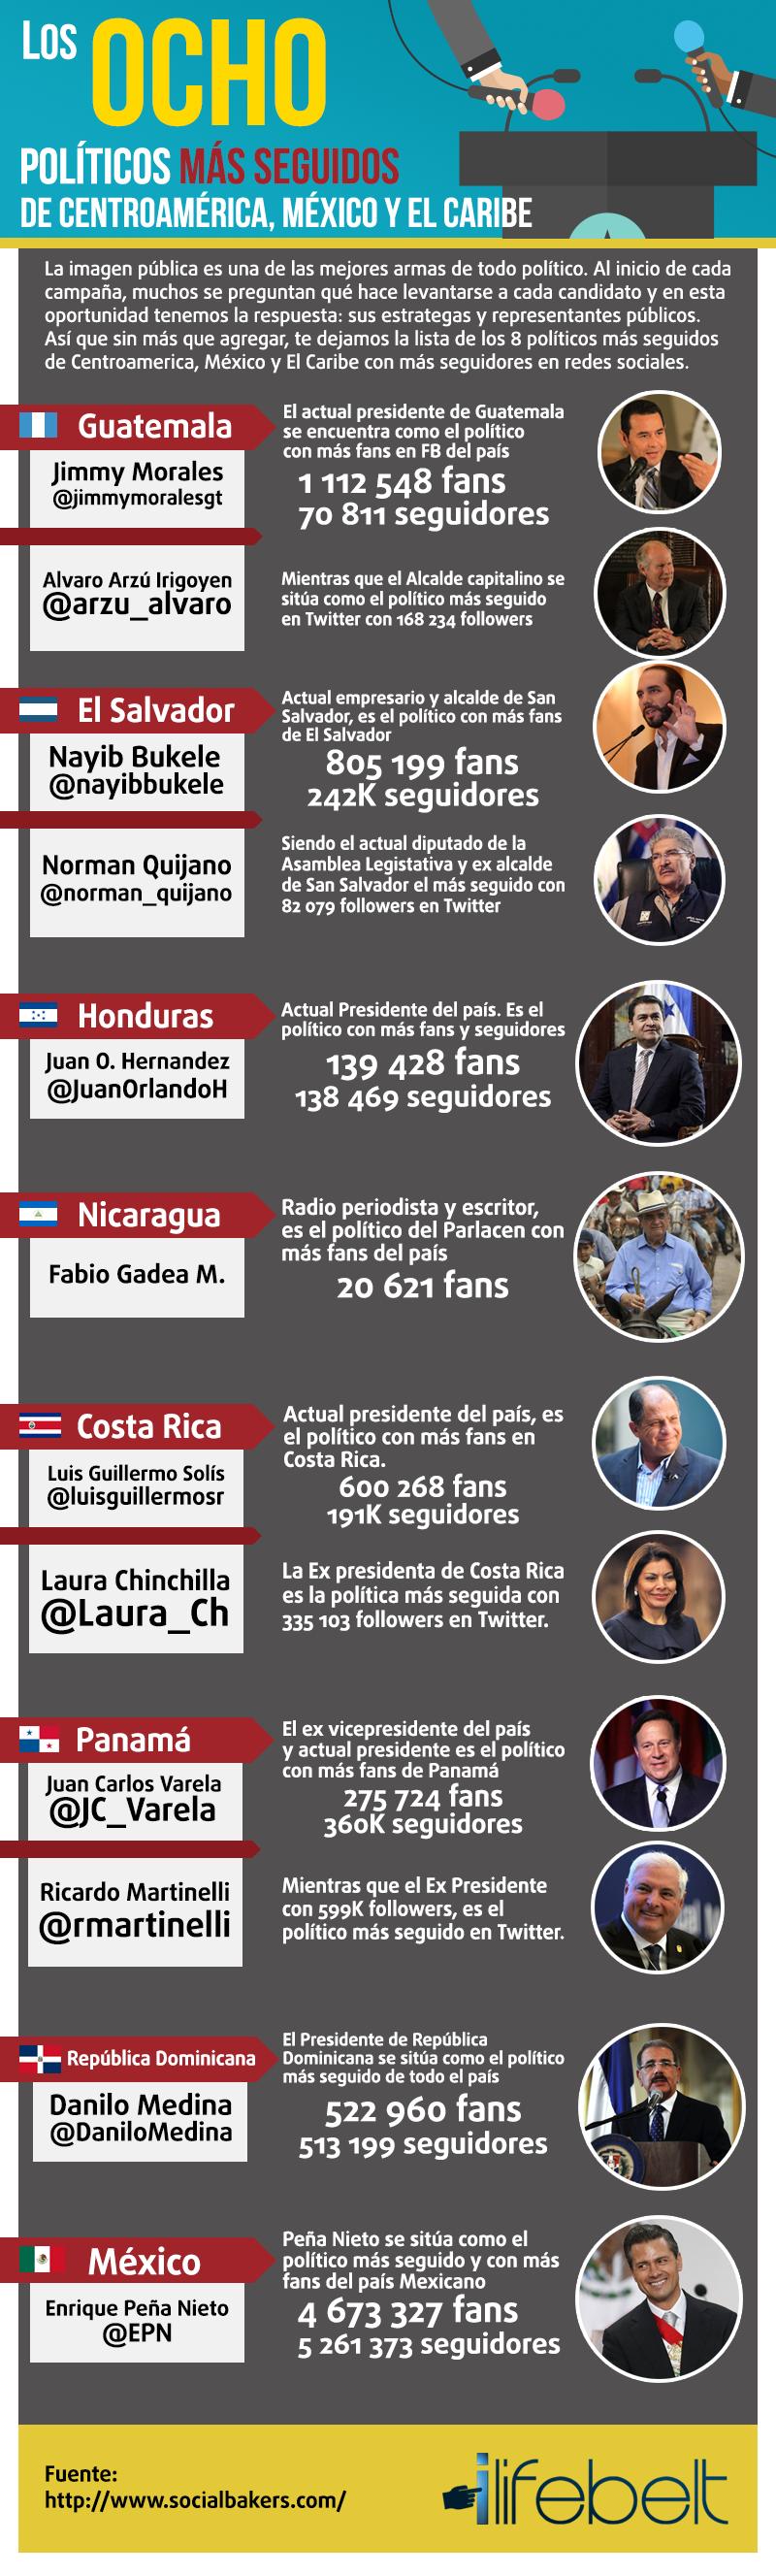 infografia politicos